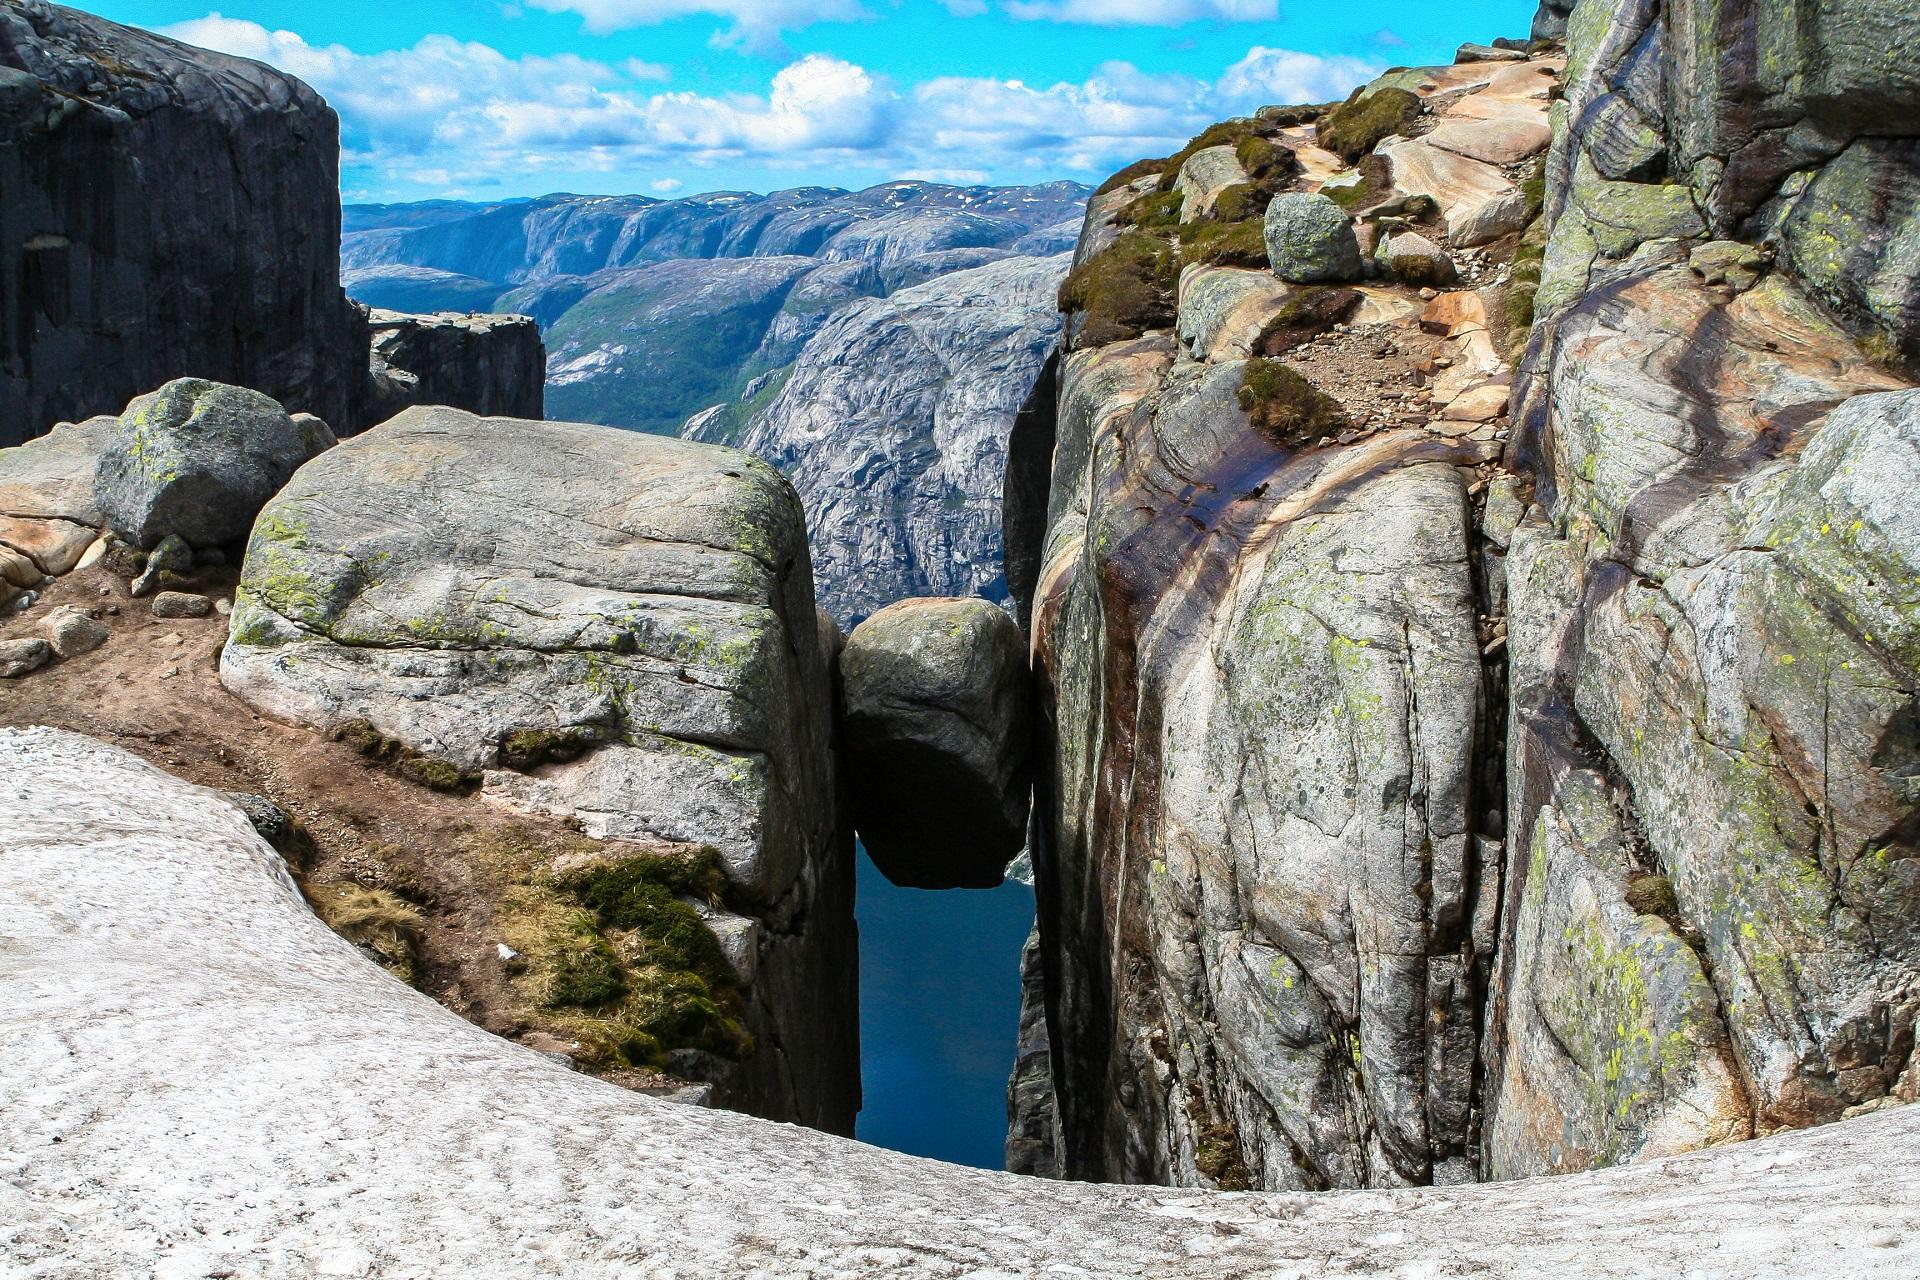 Der Kjeragbolten in Norwegen ist ein beliebtes Fotomotiv